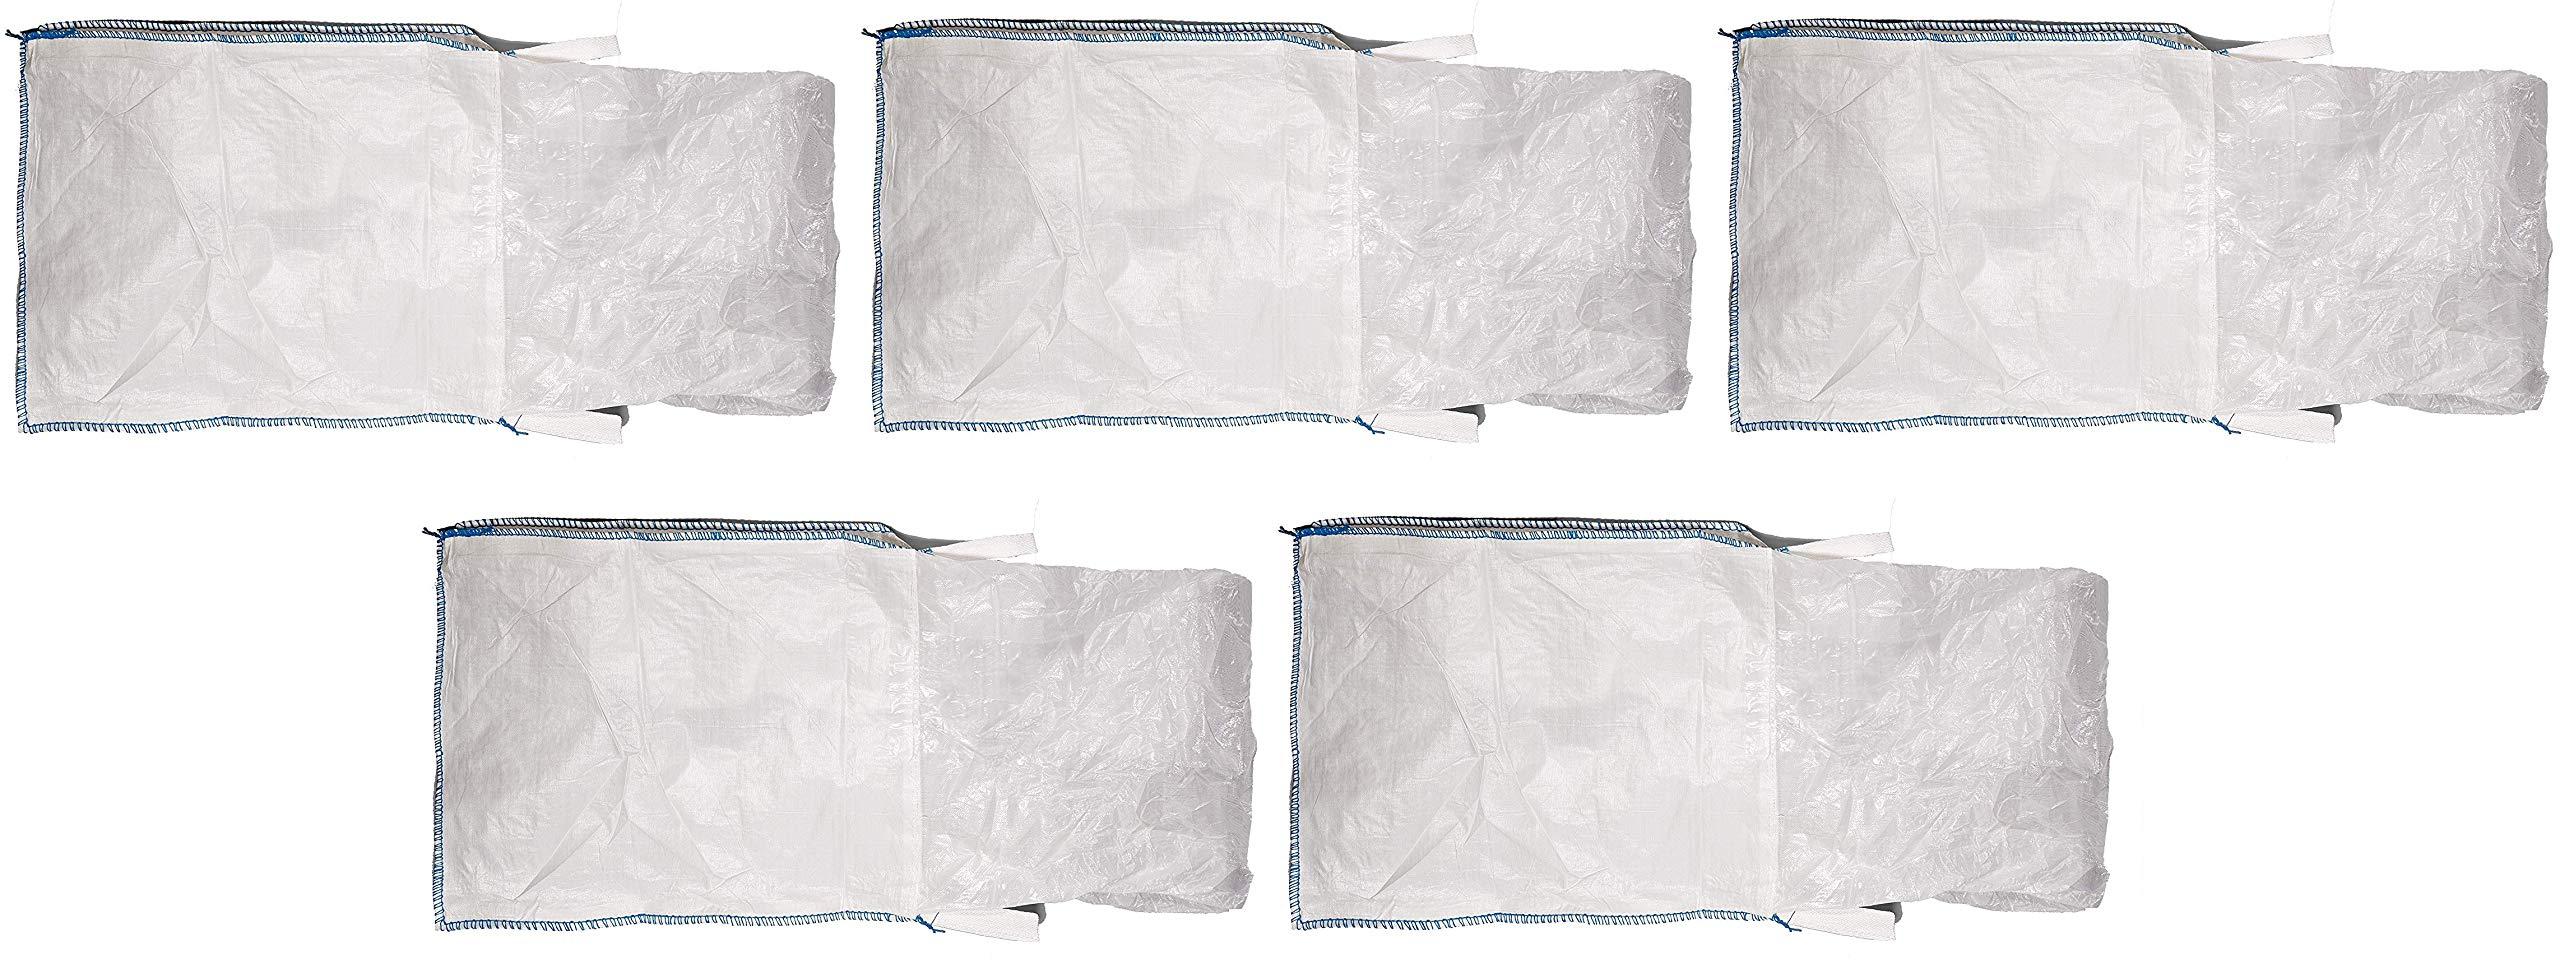 Mutual 14981 Polypropylene Bulk Bag, 3000 lbs Capacity, 3' Length x 3' Width x 3' Height (Вundlе оf Fіvе) by Mutual Industries